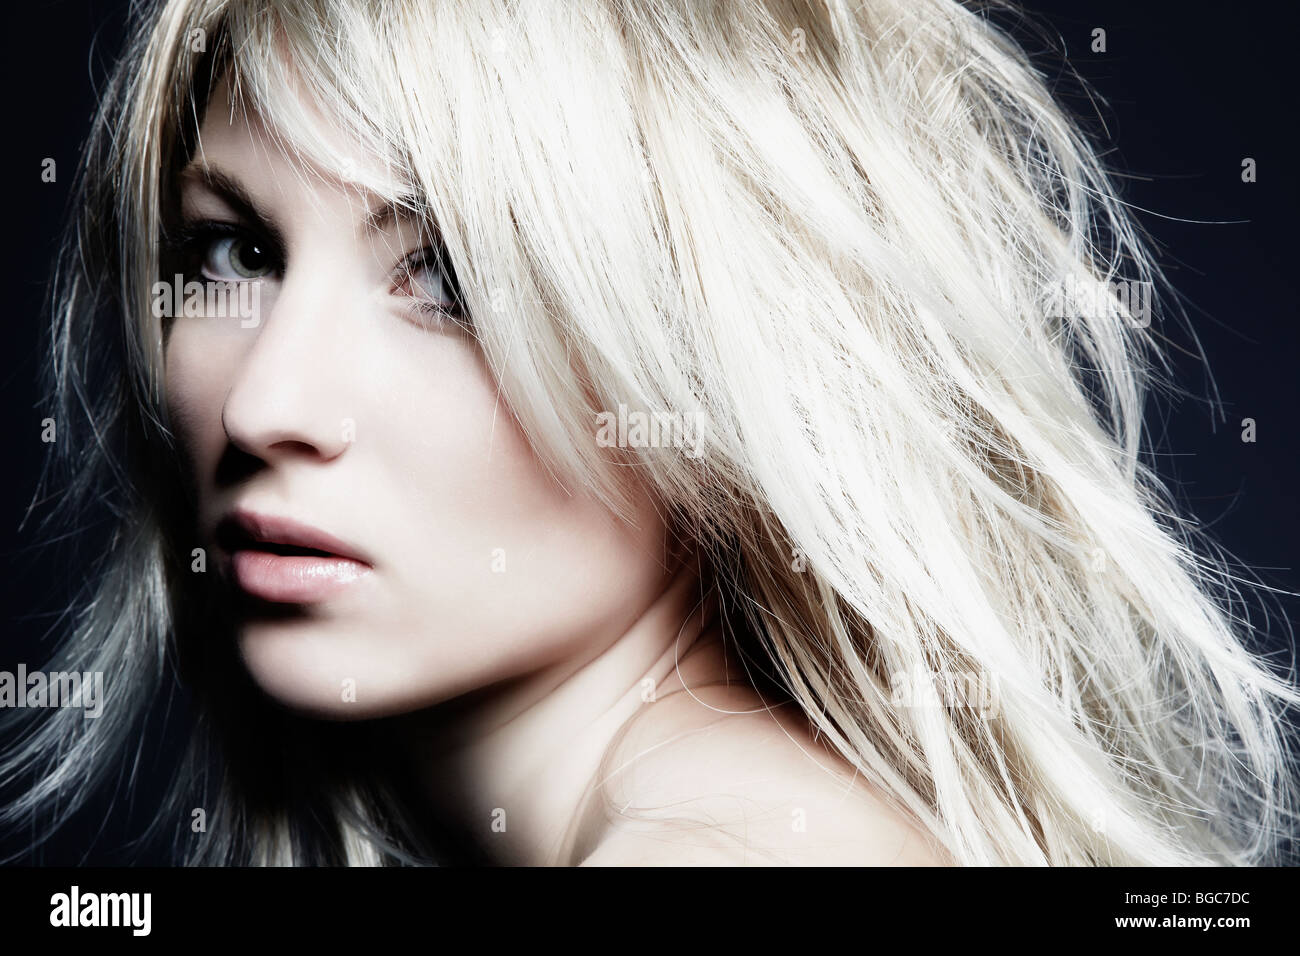 einzelne blonde Frauen